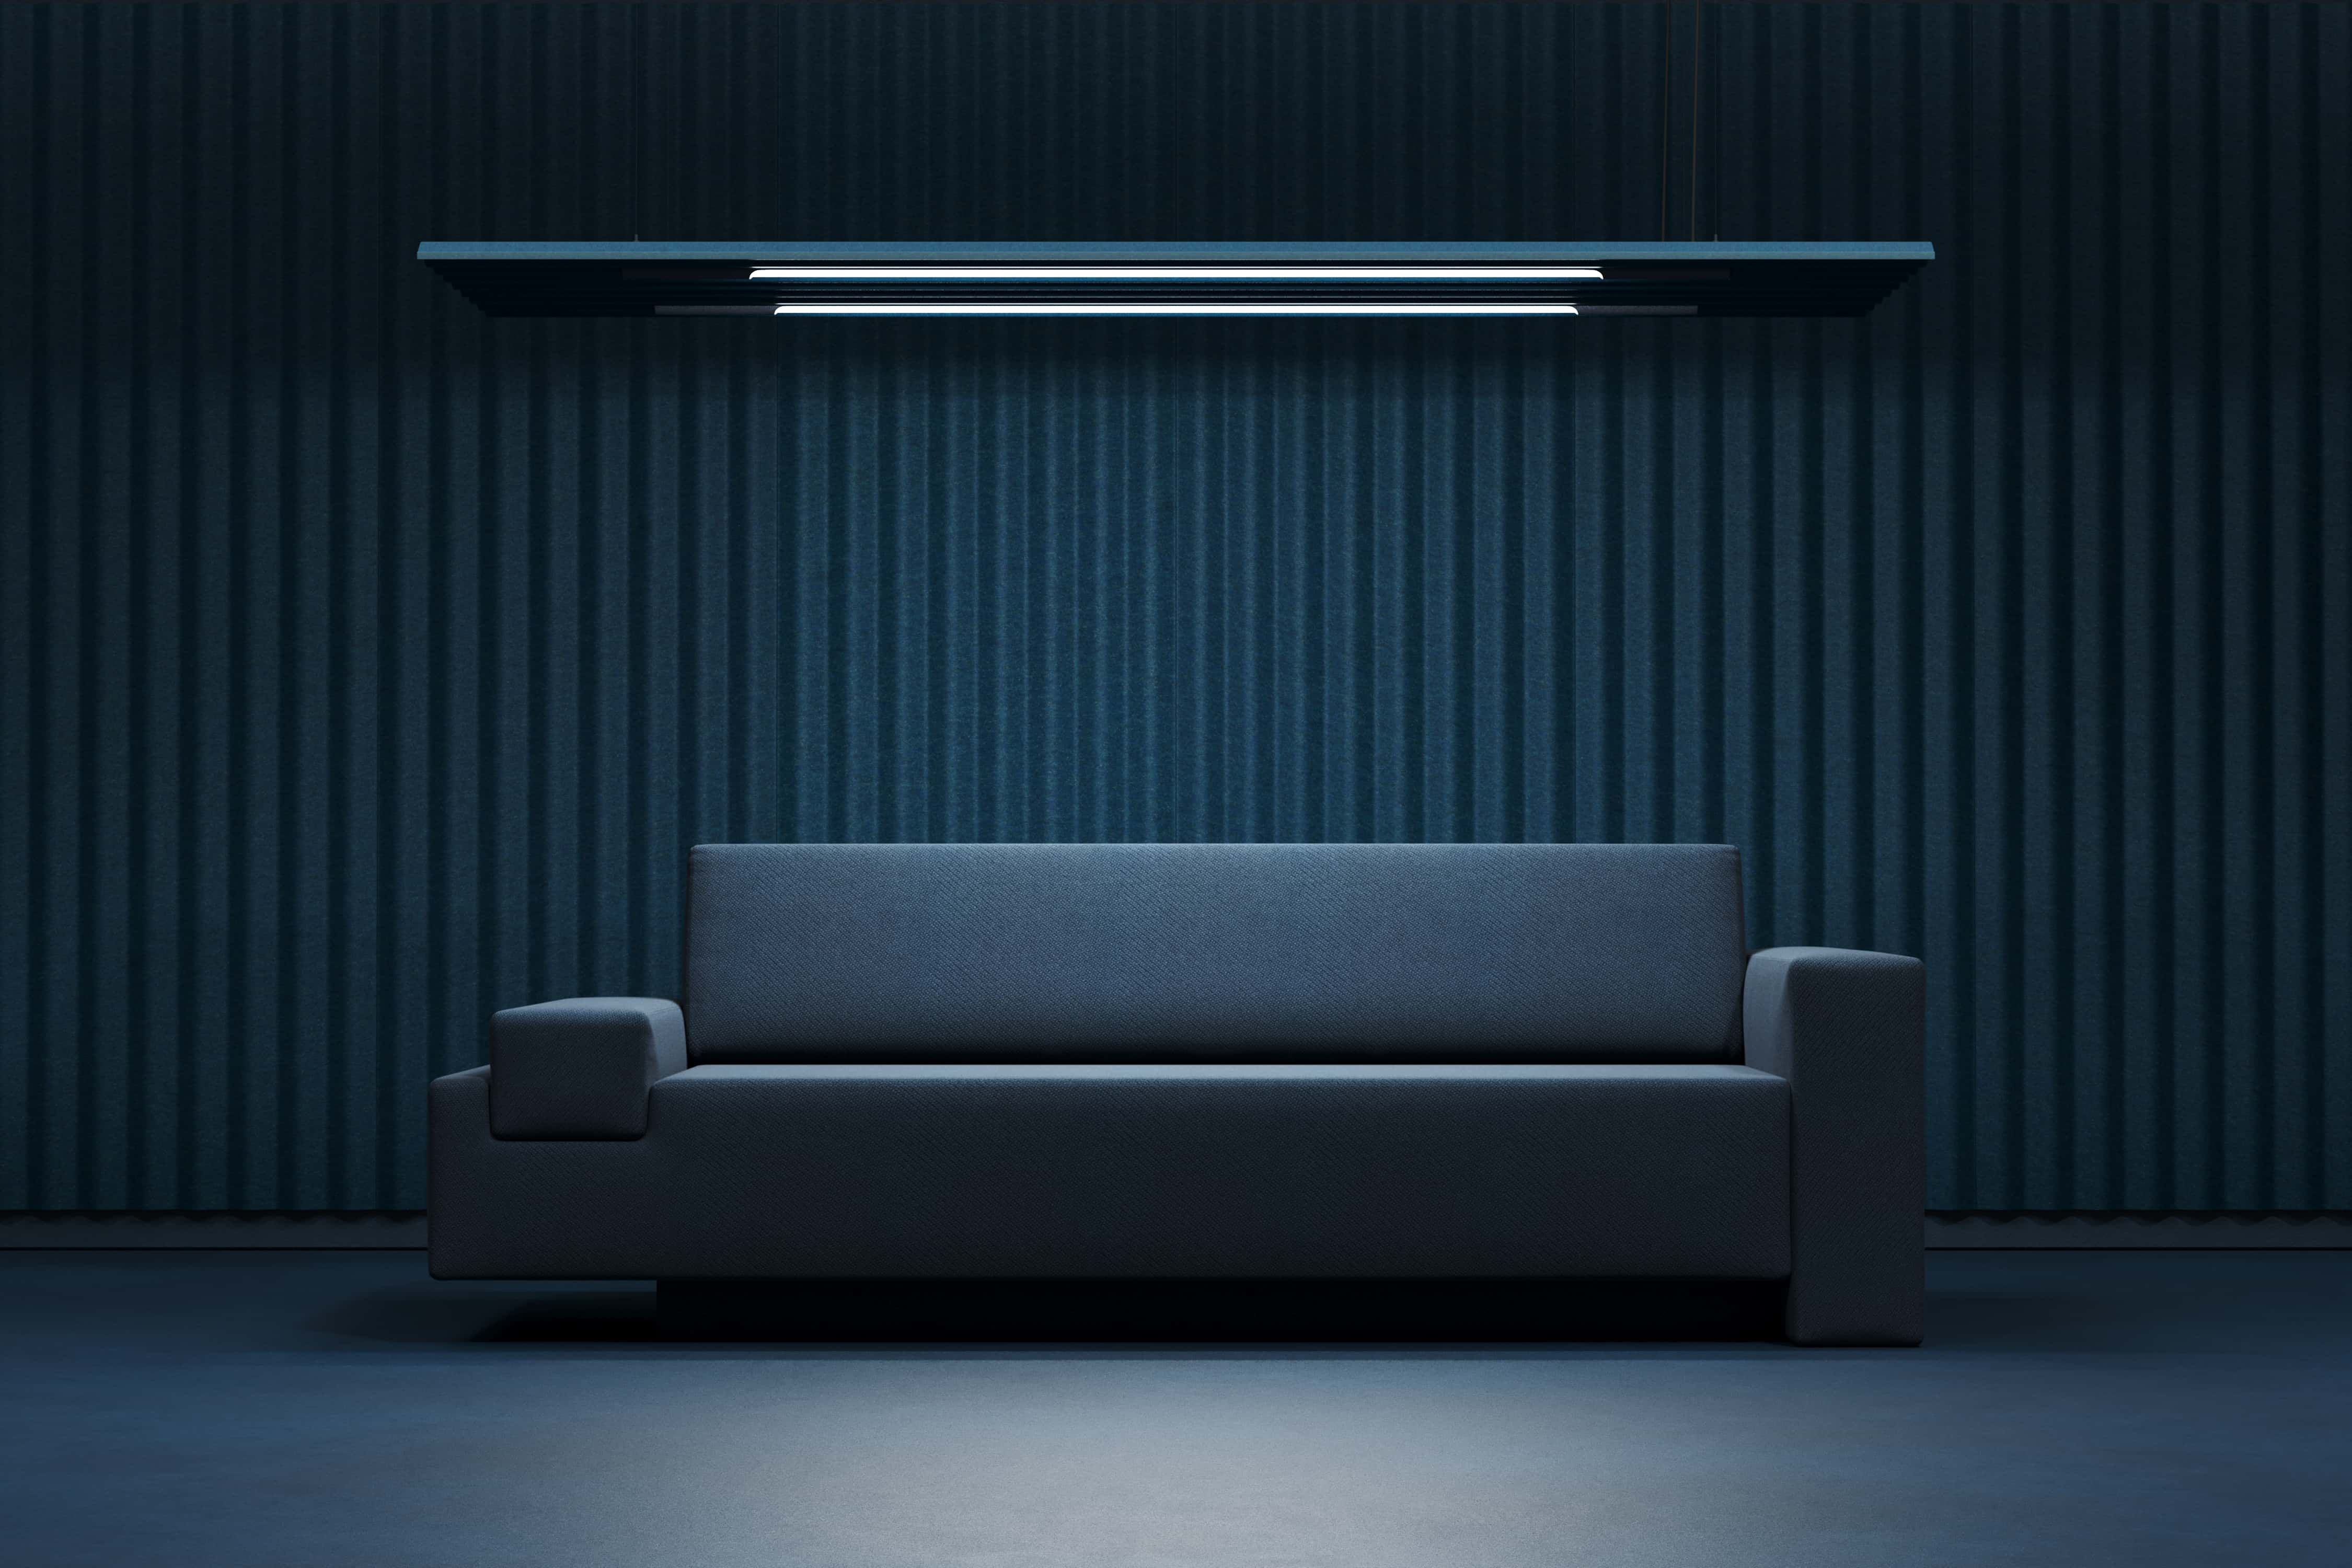 de-vorm-mute-floating-light-H200225-01-front-view-1